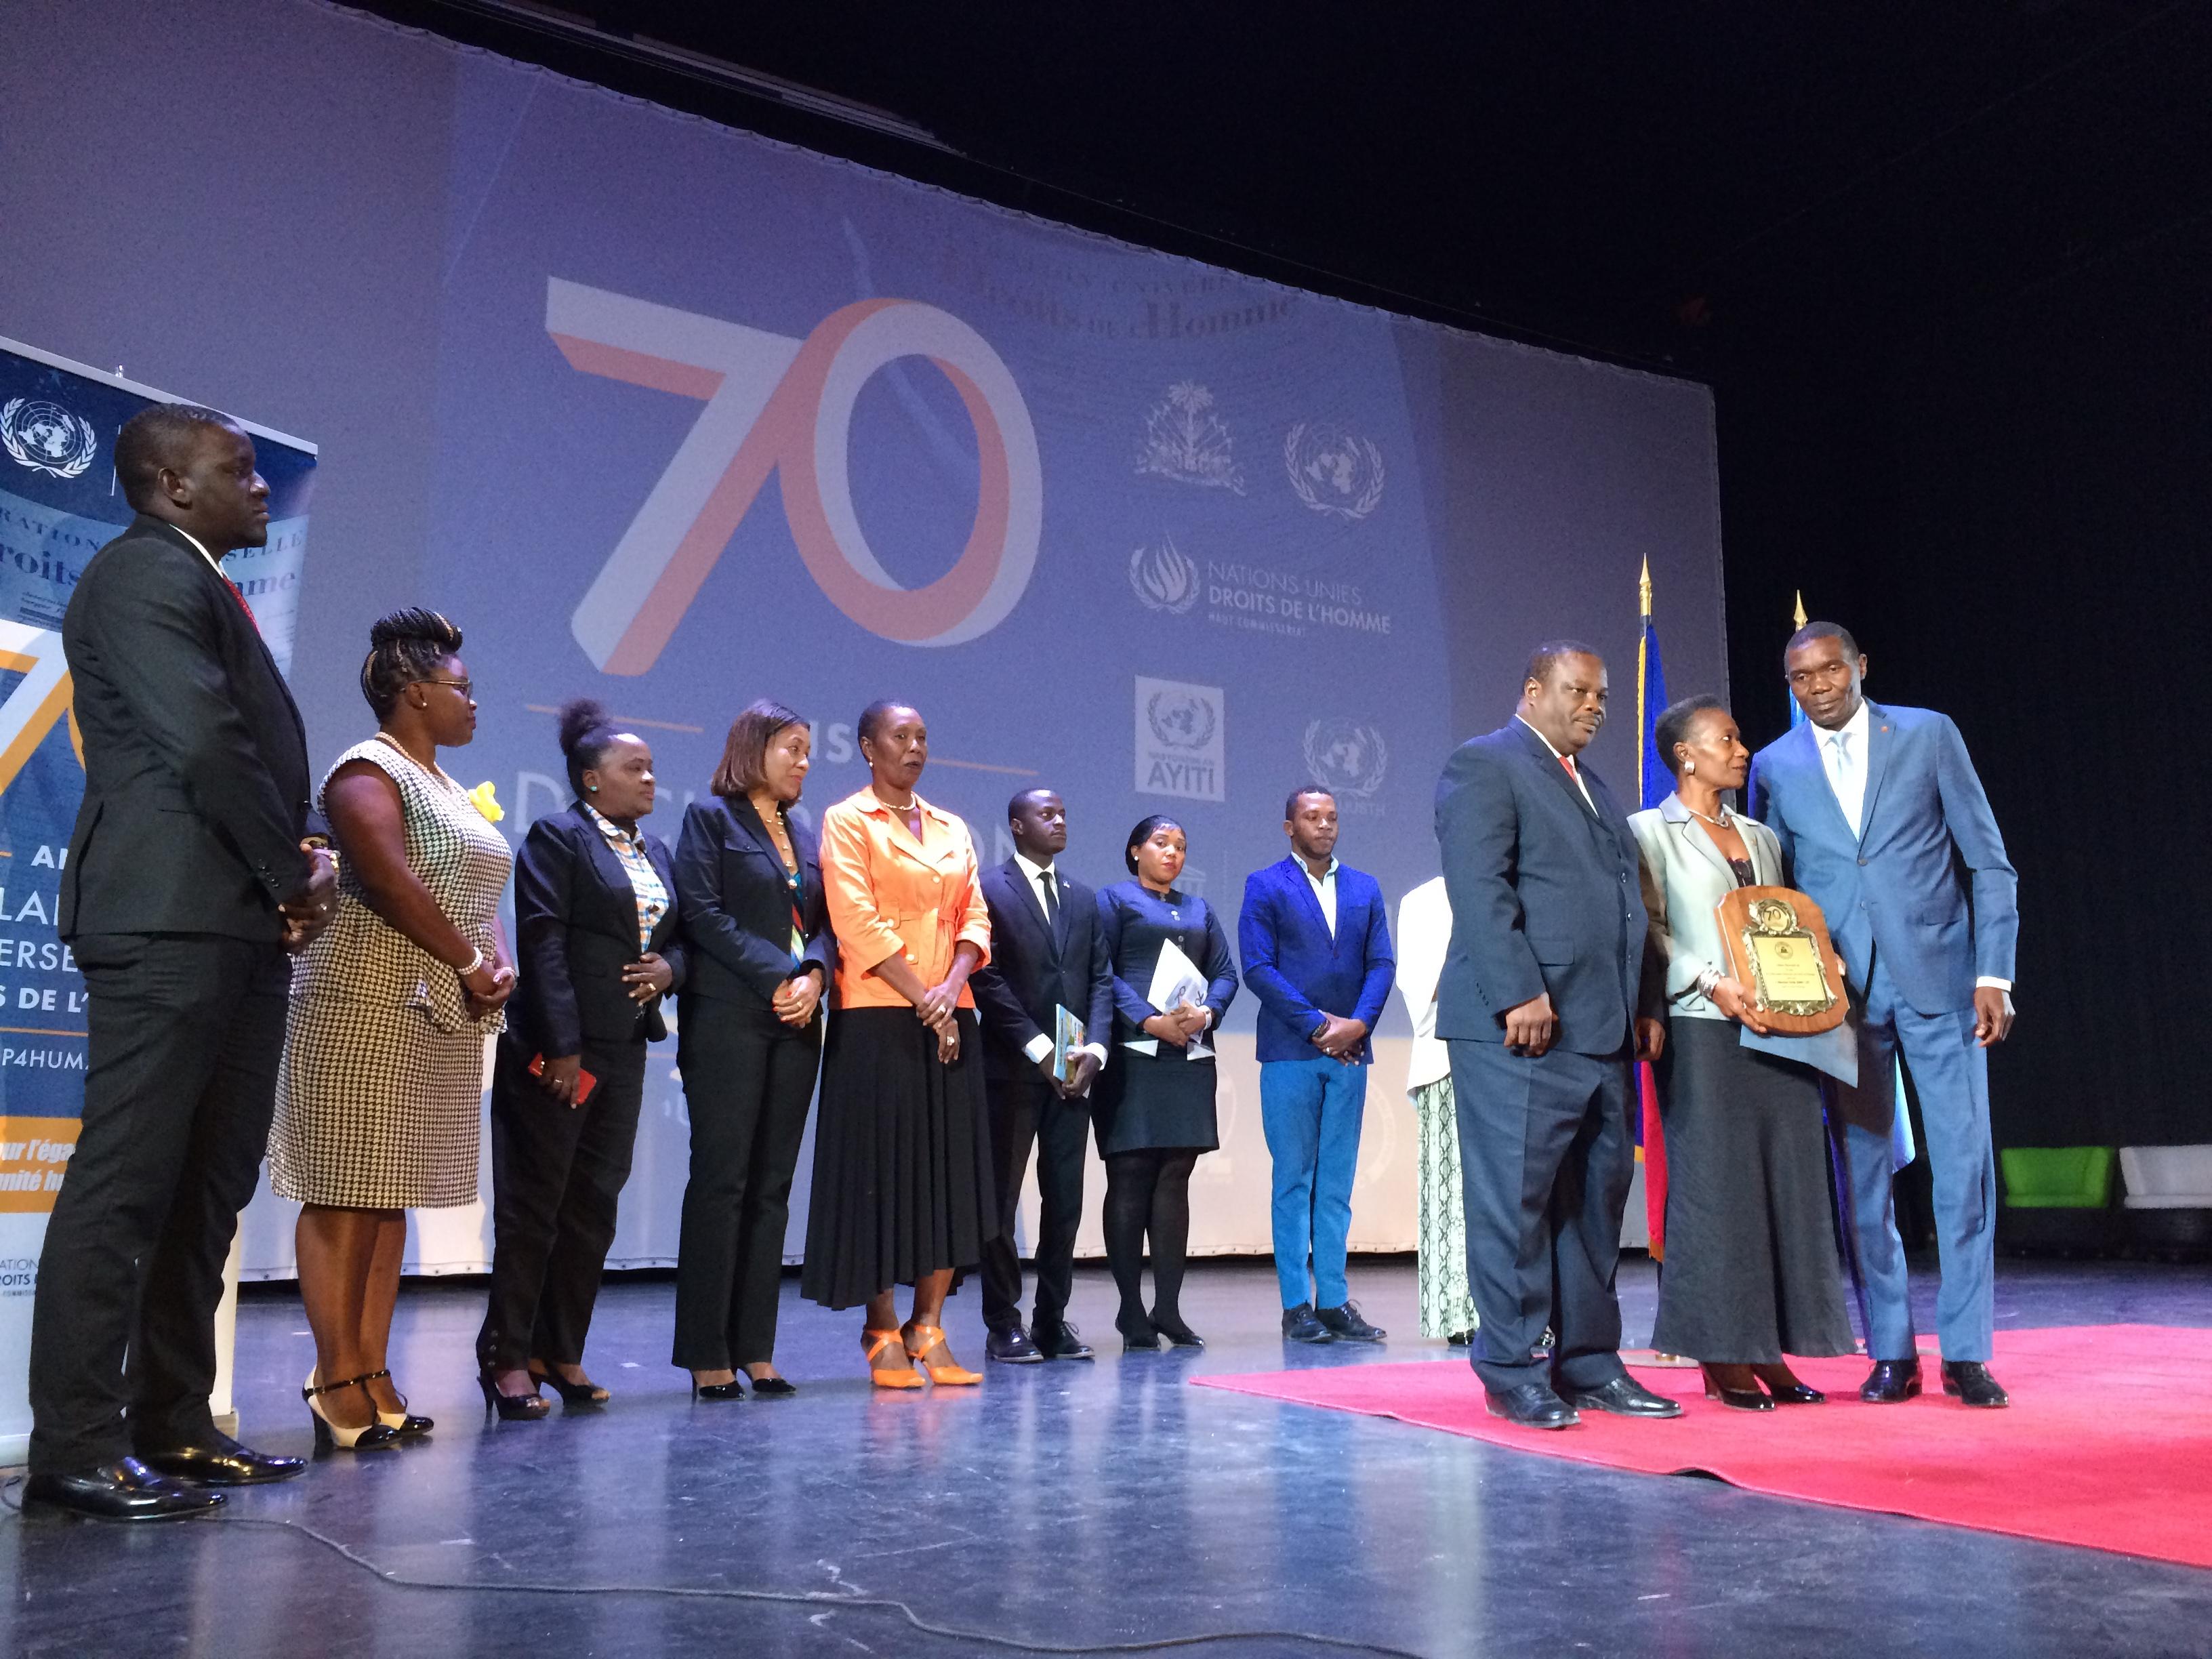 Les autorités haïtiennes, les Nations Unies et leurs partenaires culminent les activités de commémoration du 70ème anniversaire de la Déclaration universelle des droits de l'homme